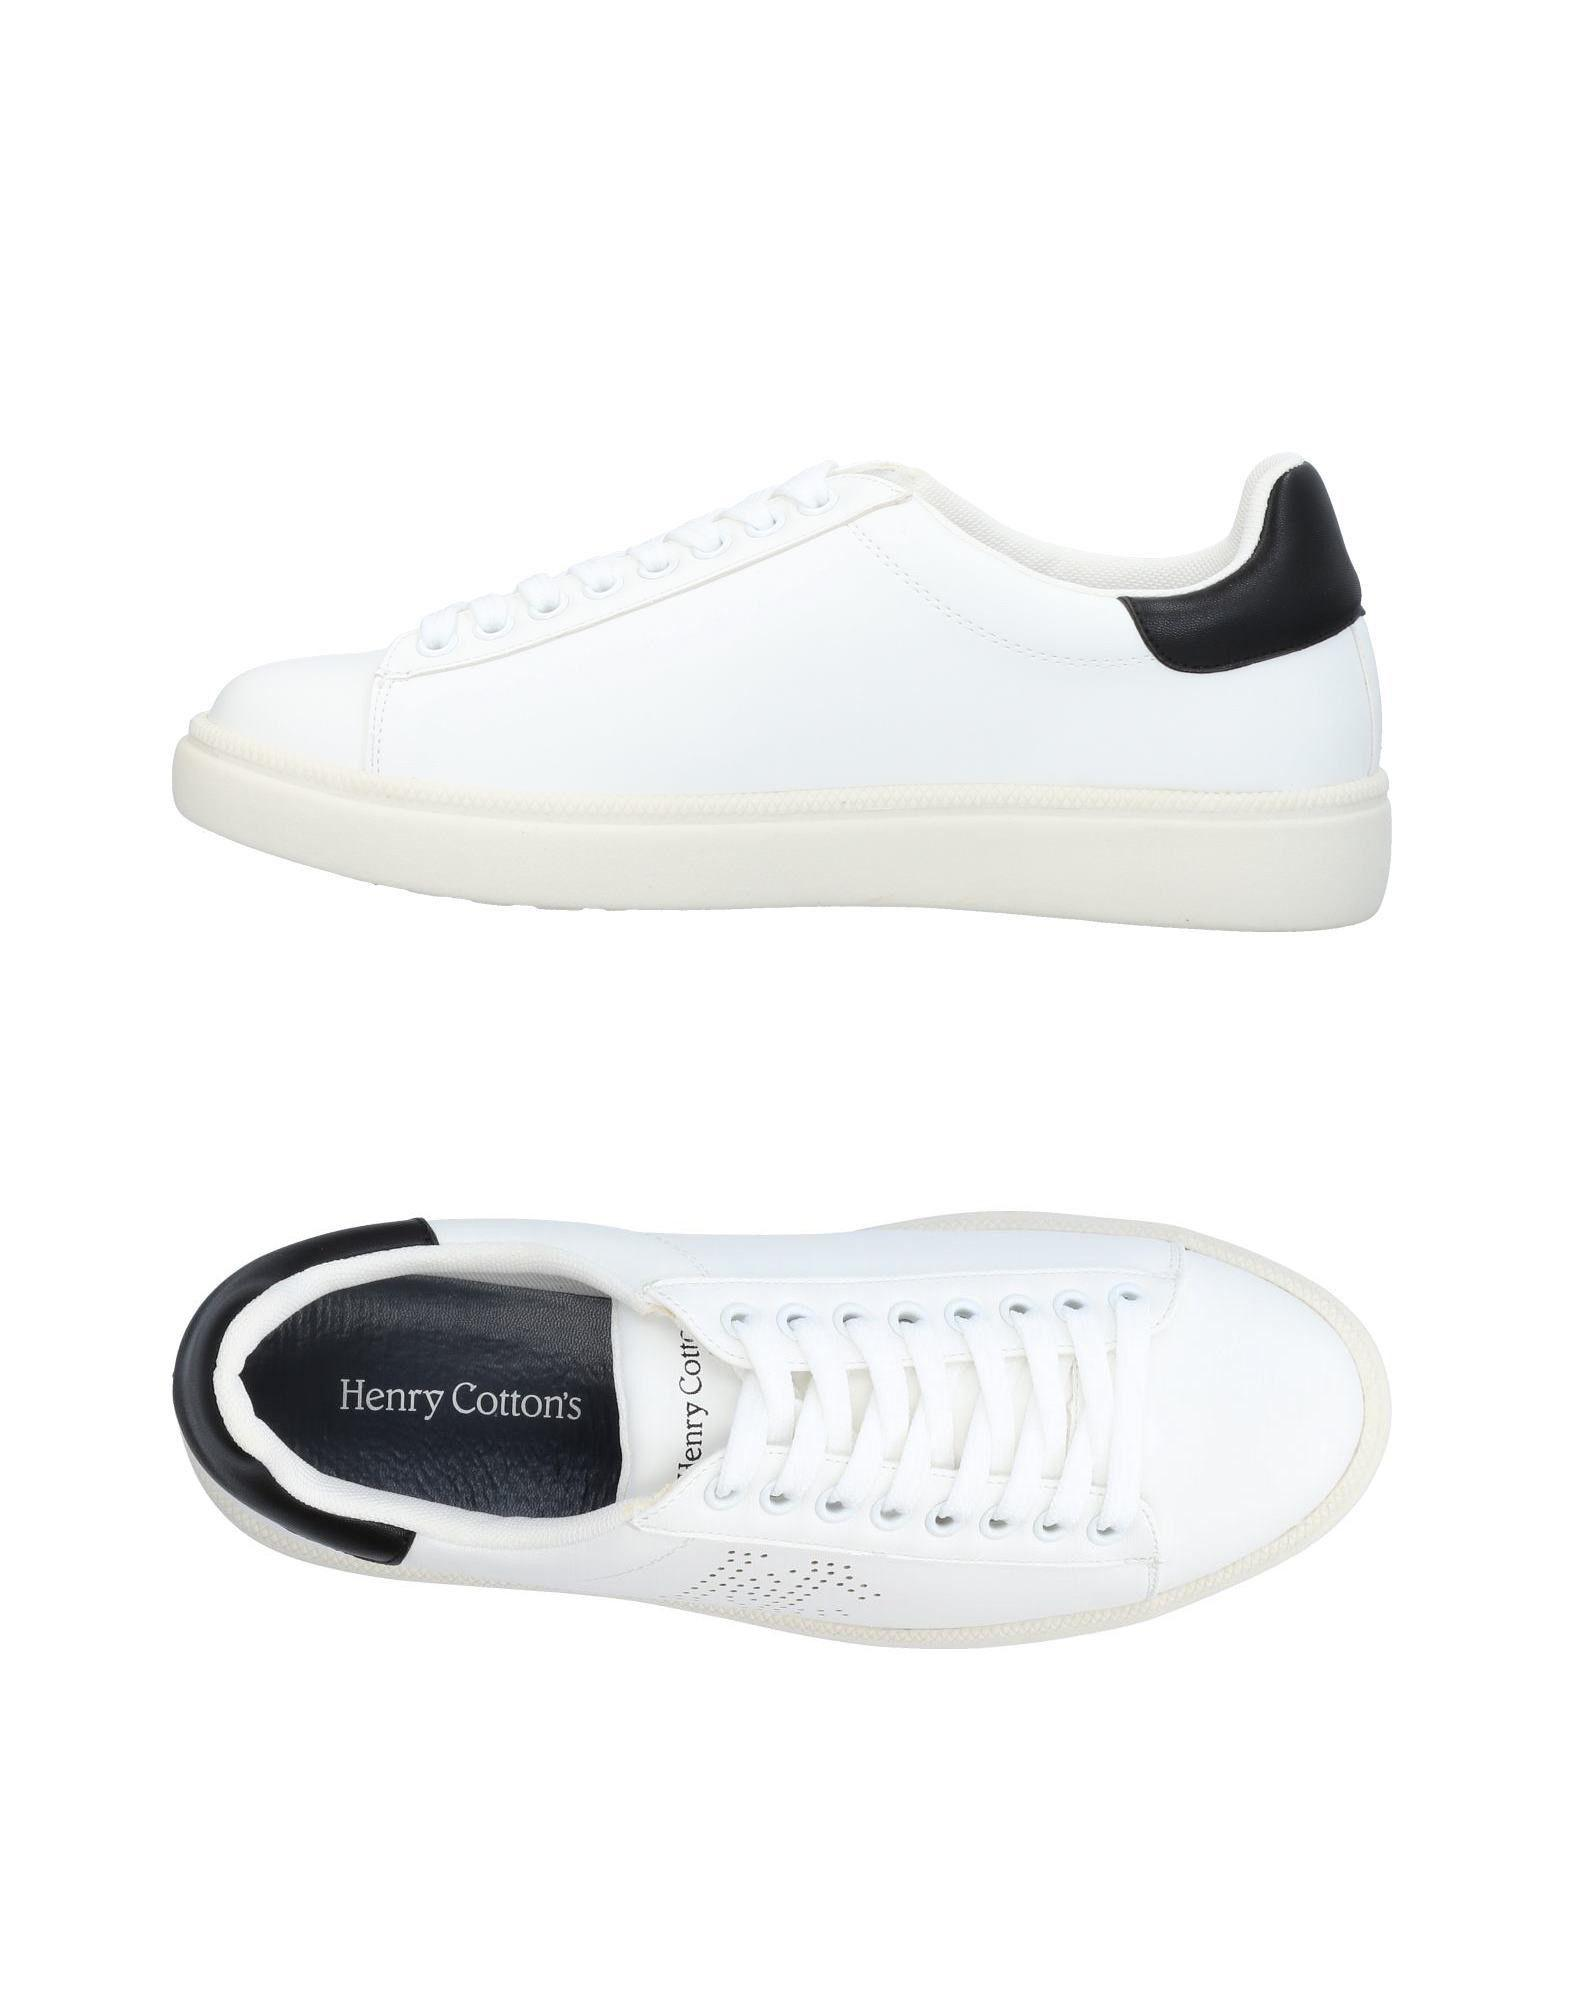 Bas-tops Et Chaussures De Sport De Coton Henry p8hkV40kD